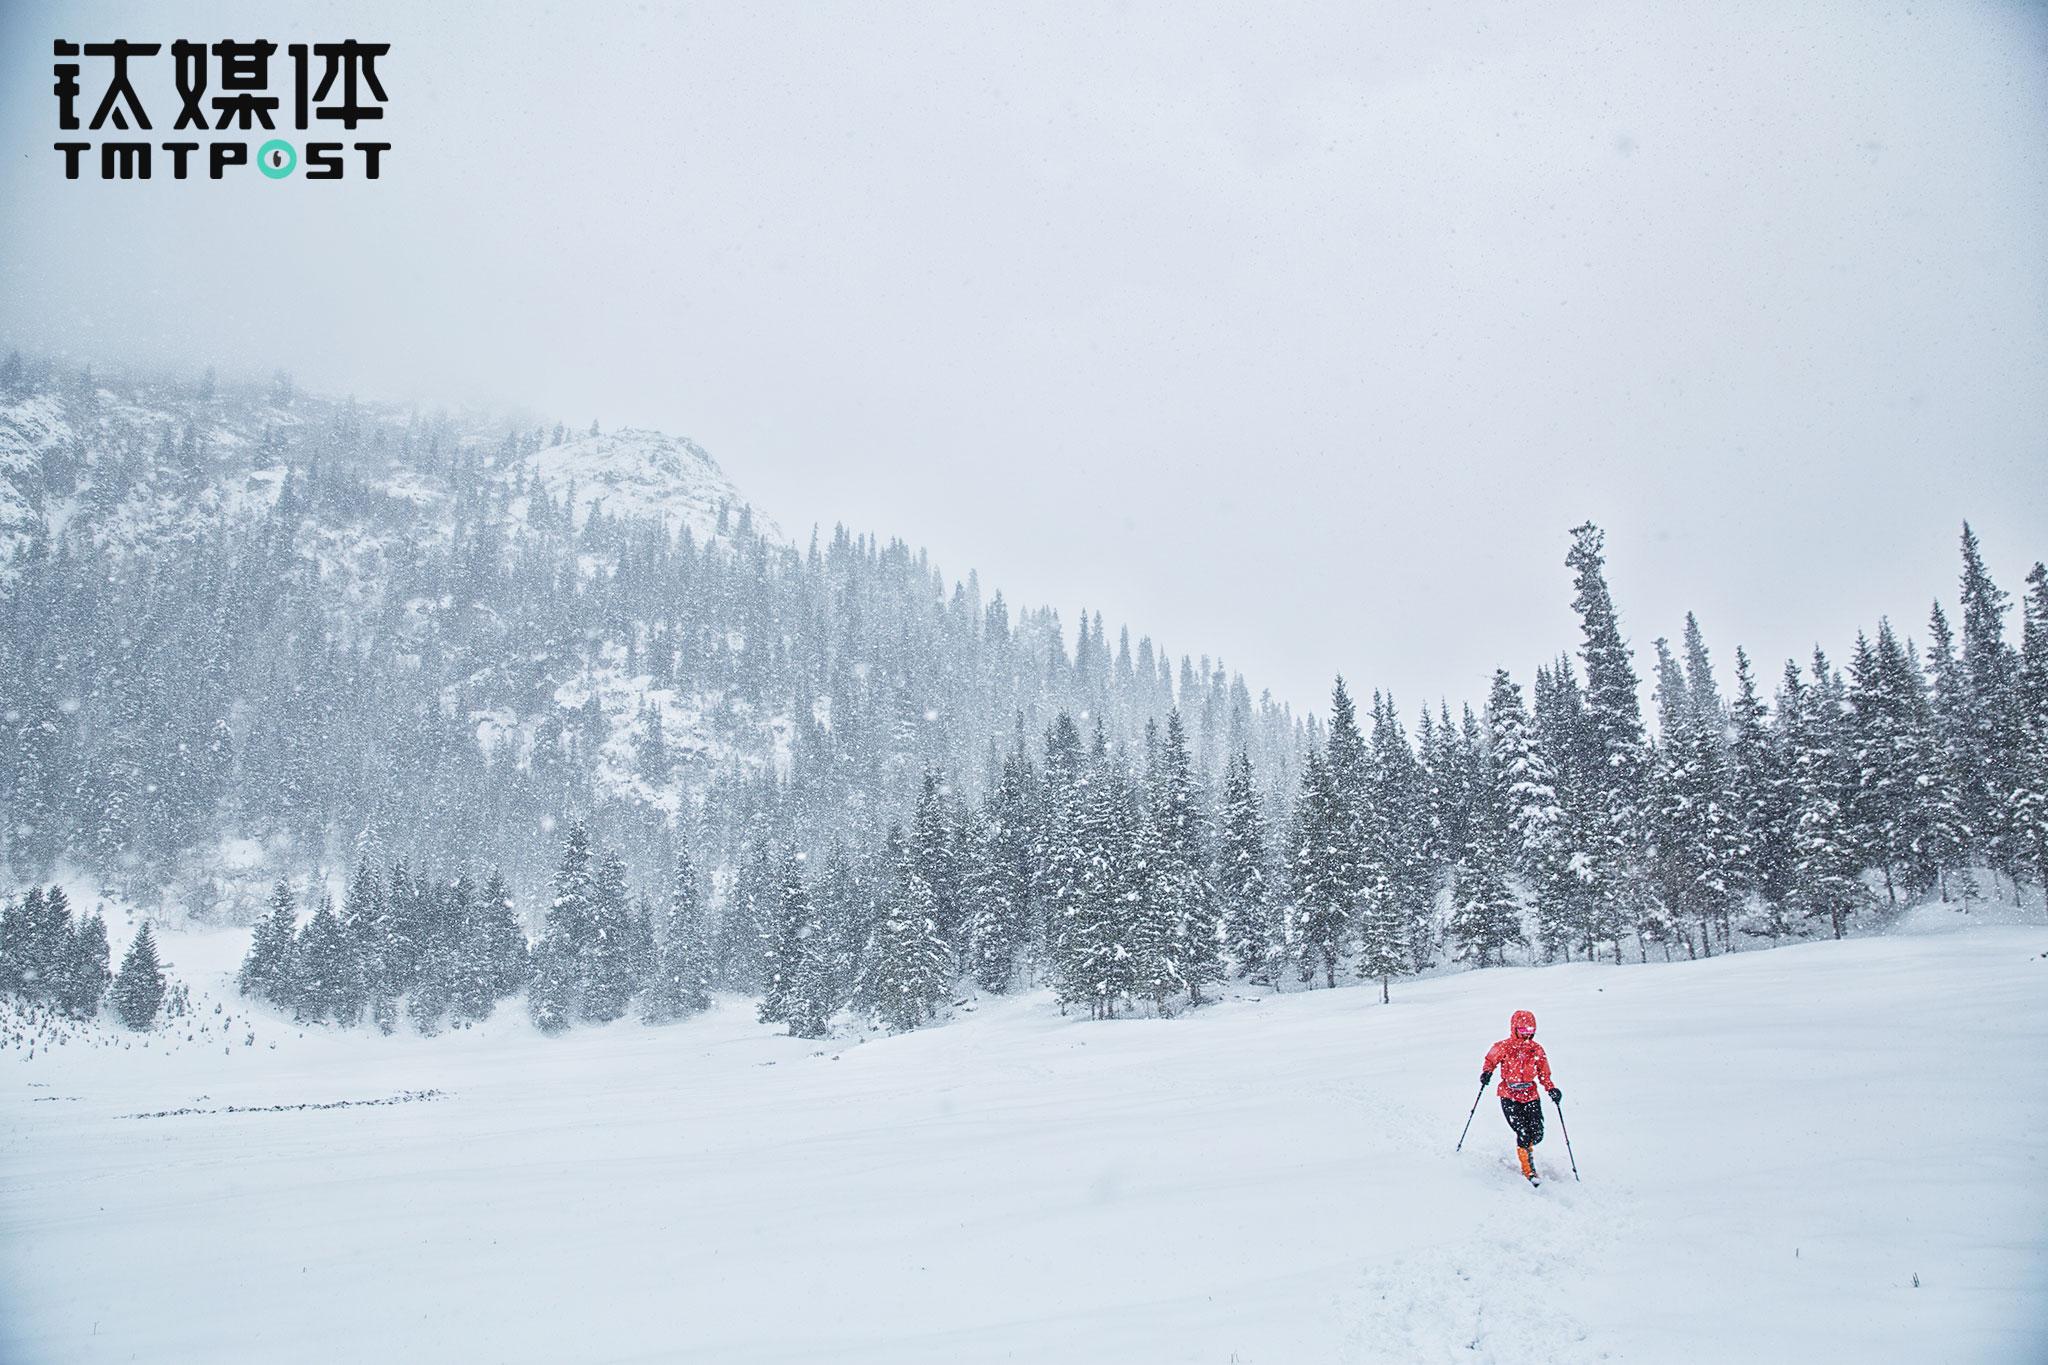 队伍刚刚到达夏塔冰川不到半个小时,留守营地的协作通过手台告知江湖,天气突变,让大家下撤。原路返回,路上又起了大风大雪,徒步2小时,所有人安全返回营地。